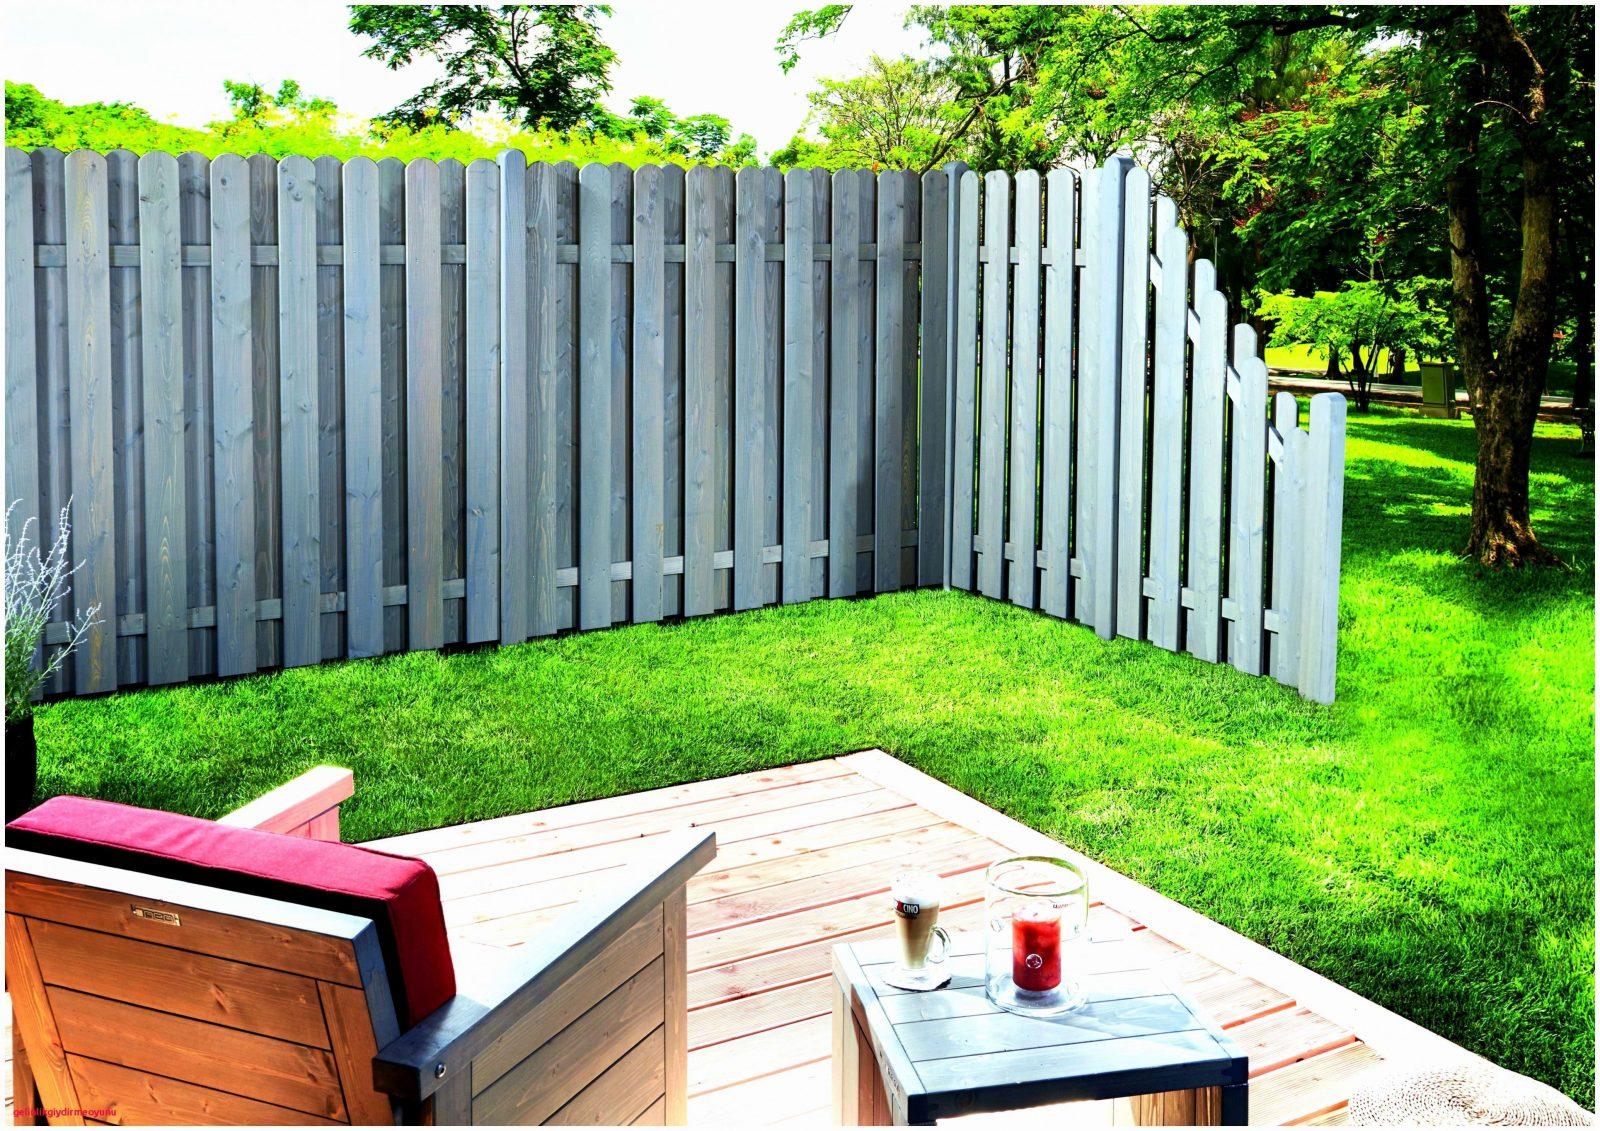 40 Schön Garten Sichtschutz Modern Designideen Von Moderner von Moderner Sichtschutz Im Garten Bild